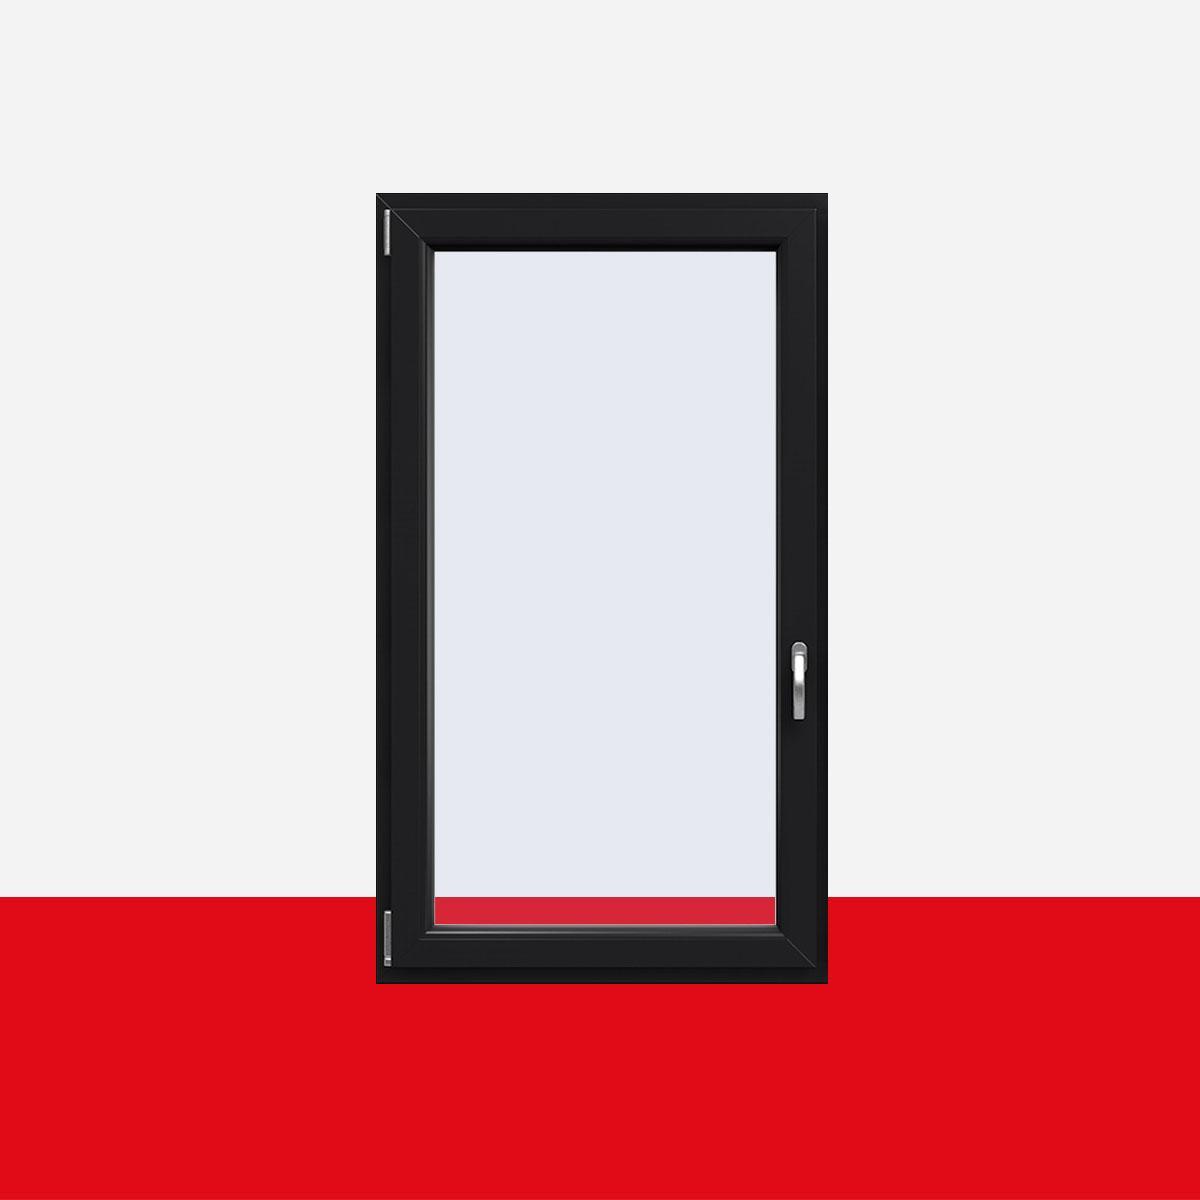 kunststofffenster anthrazitgrau innen und au en dreh kipp fenster 1 flg shop fenster 1 flg. Black Bedroom Furniture Sets. Home Design Ideas